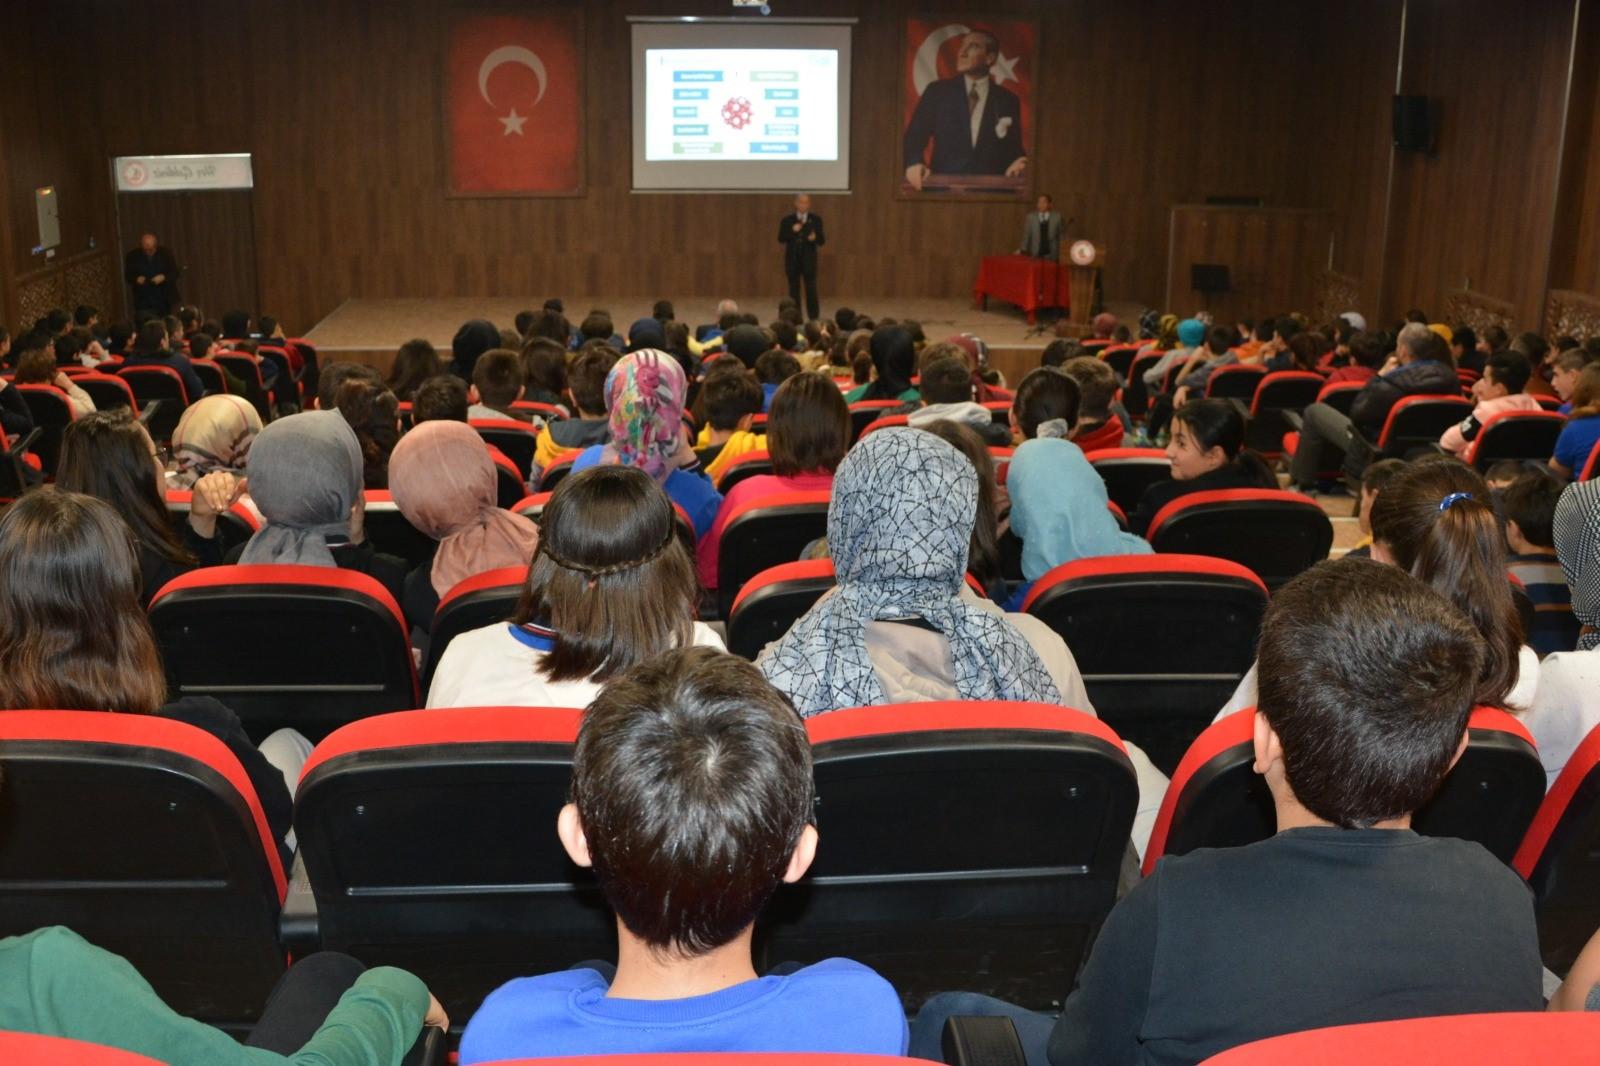 Kütahya Gediz Mehmetçik Ortaokulunda, Bilinçli ve Güvenli İnternet Semineri